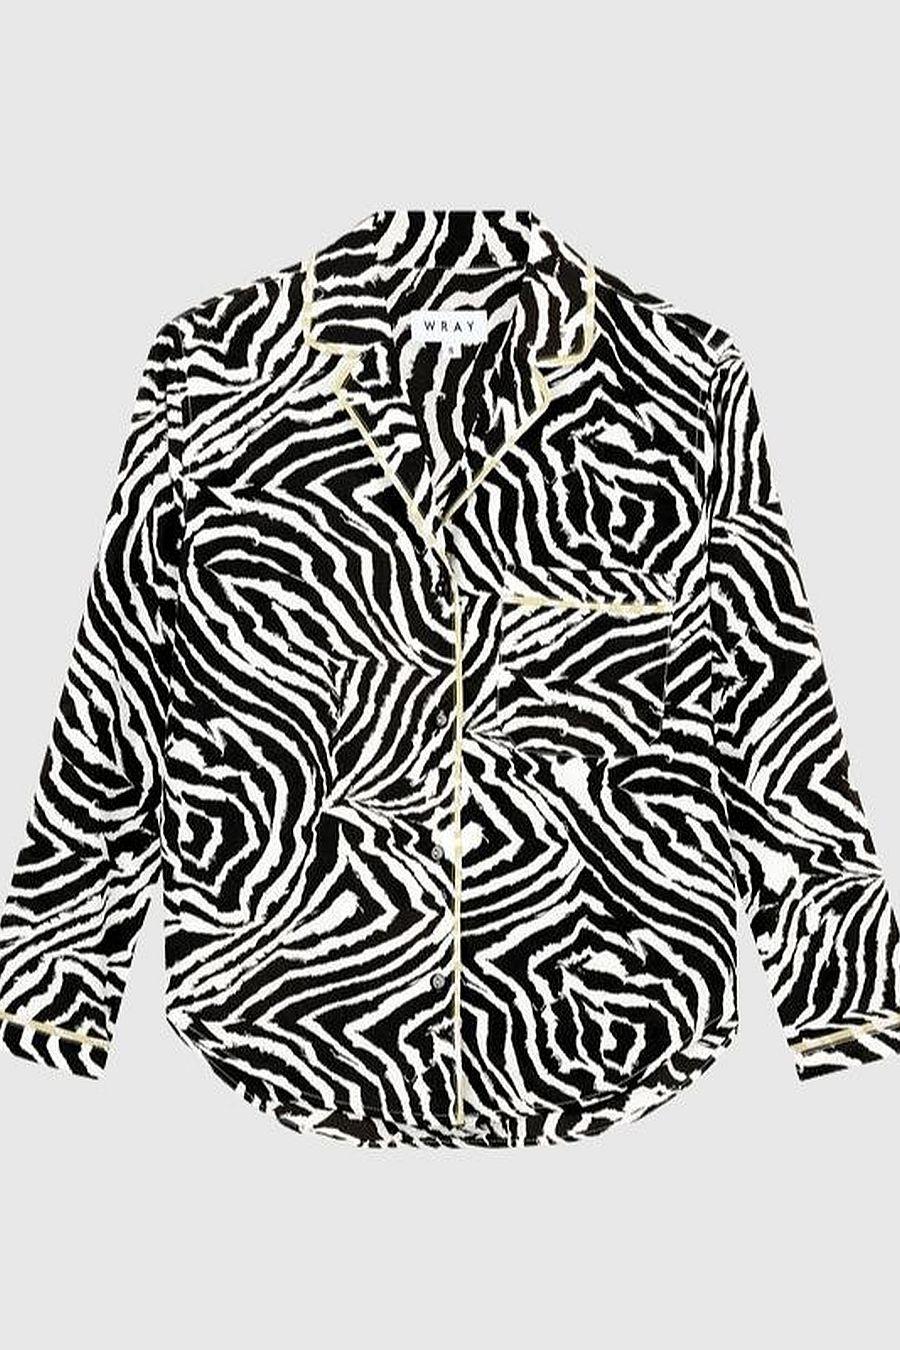 Wray NYC Lena Top - Chocolate Swirl Zebra